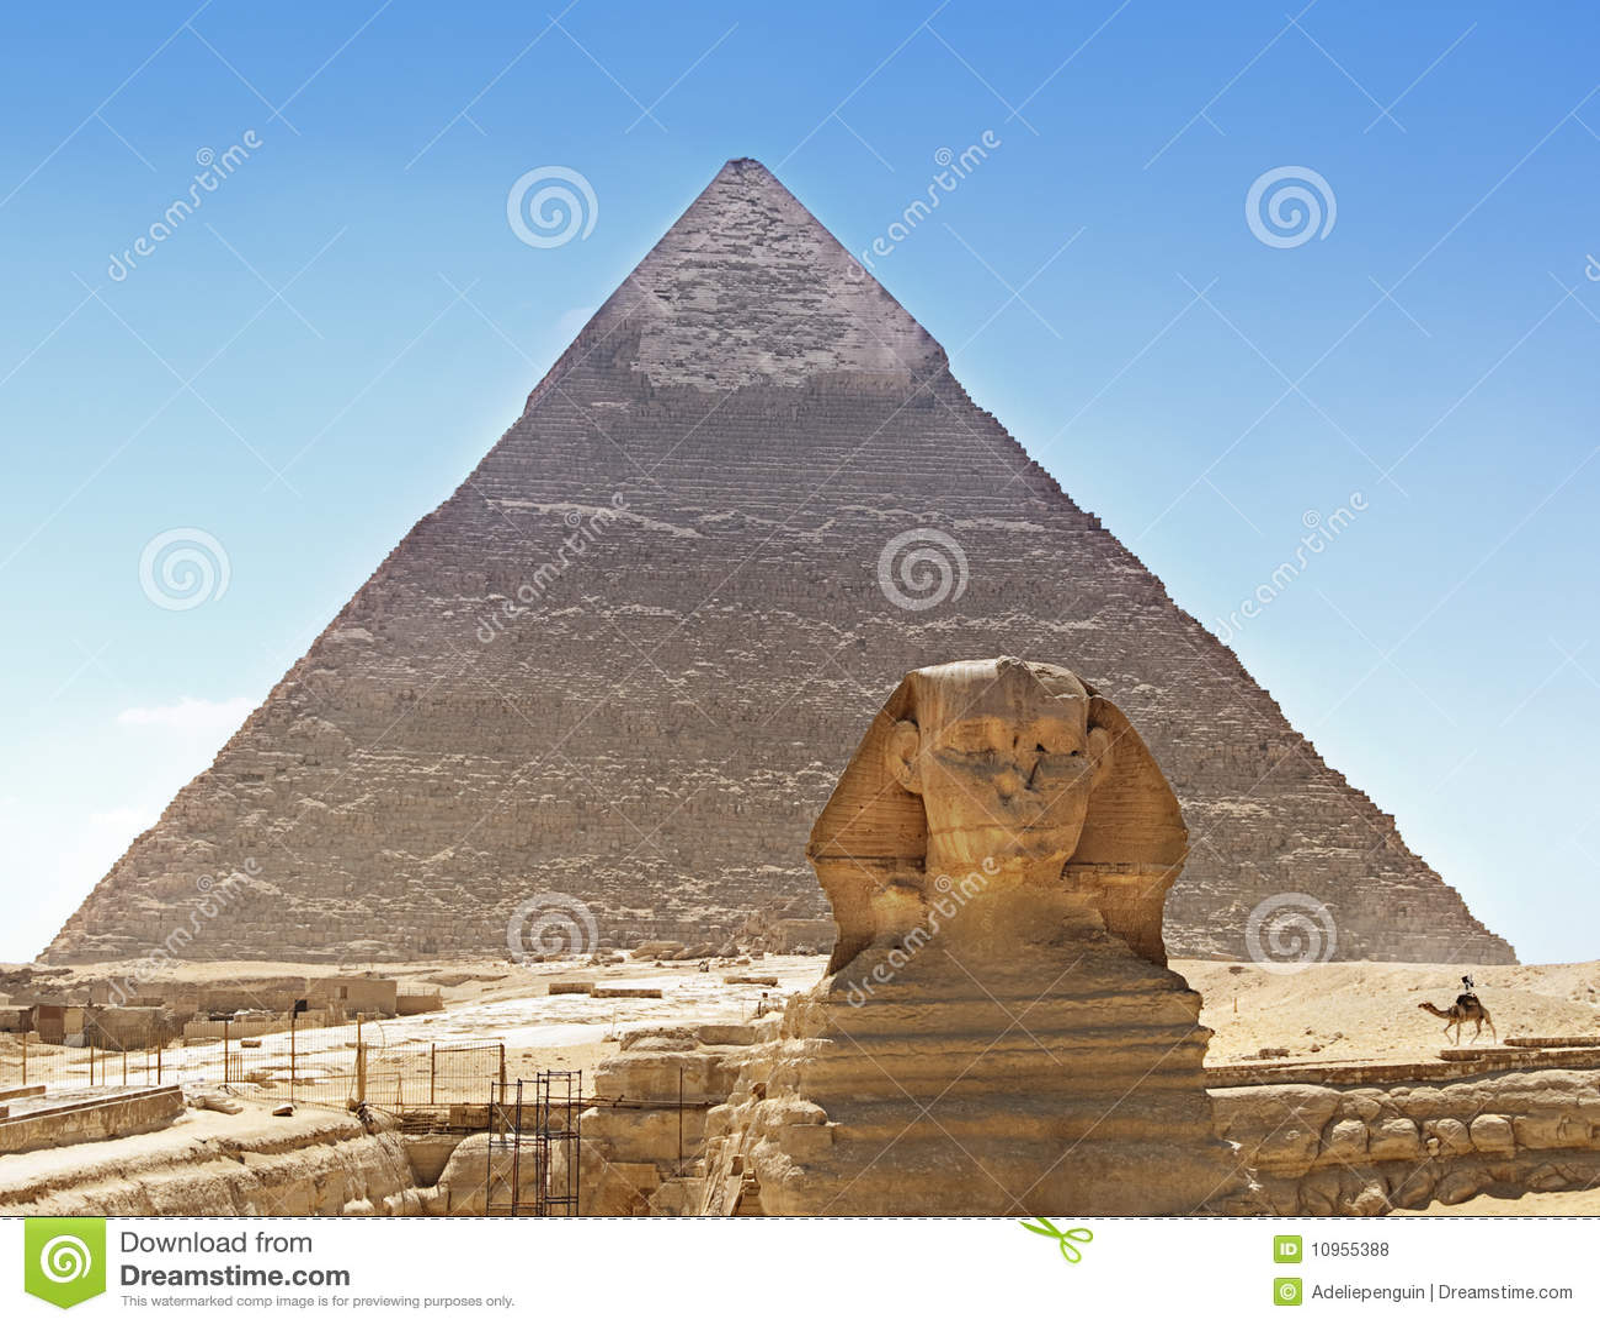 Sphinx et pyramide, Egypte